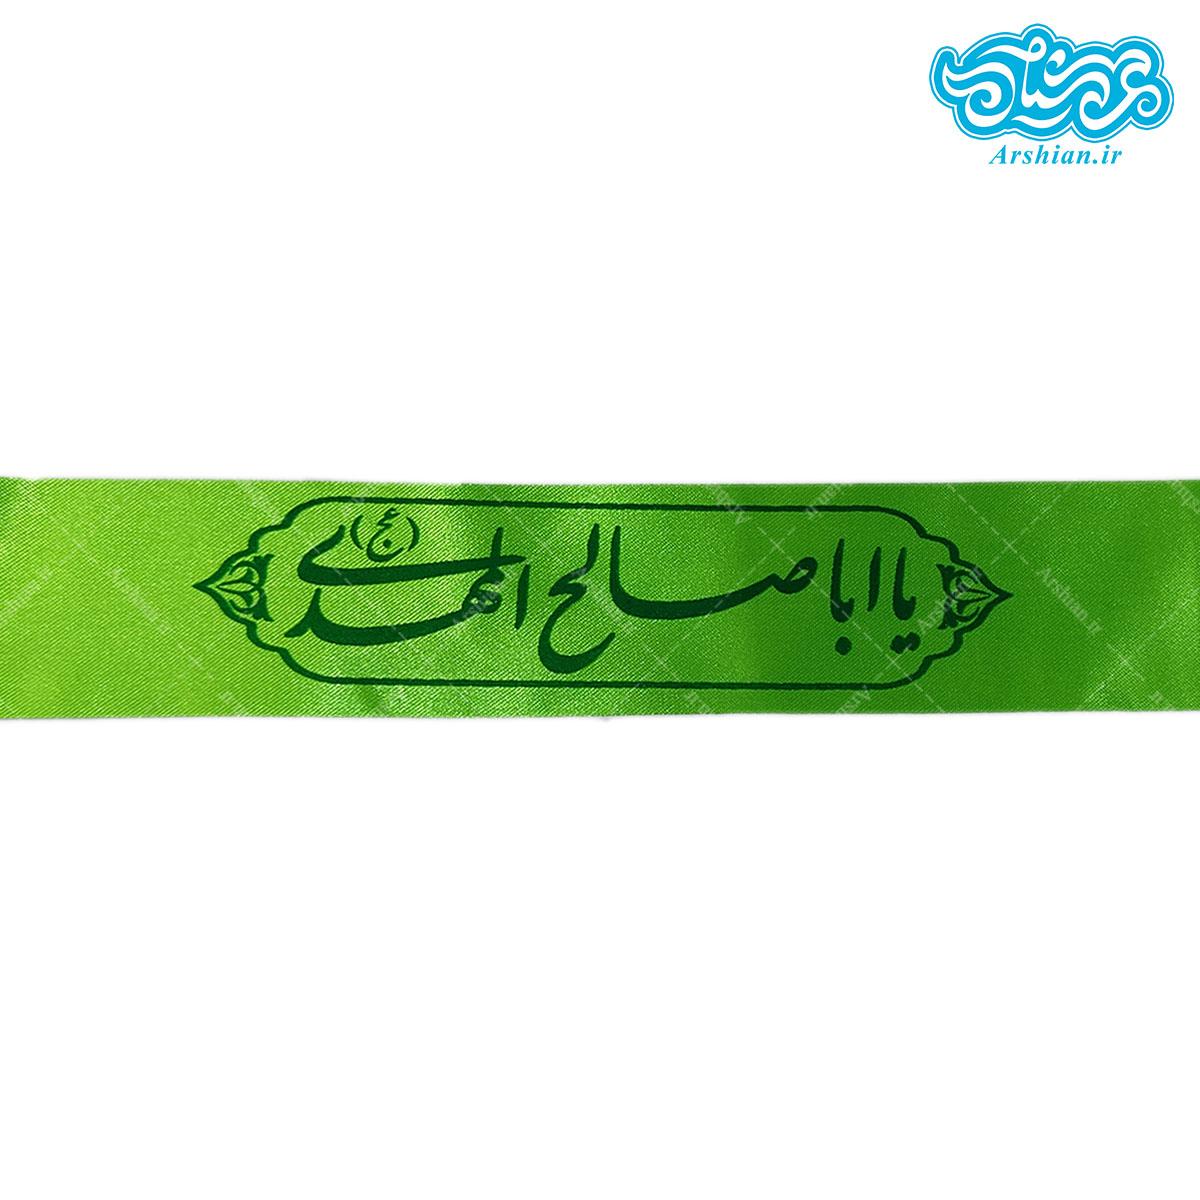 سربند ساتن یااباصالح المهدی سبز کد 037